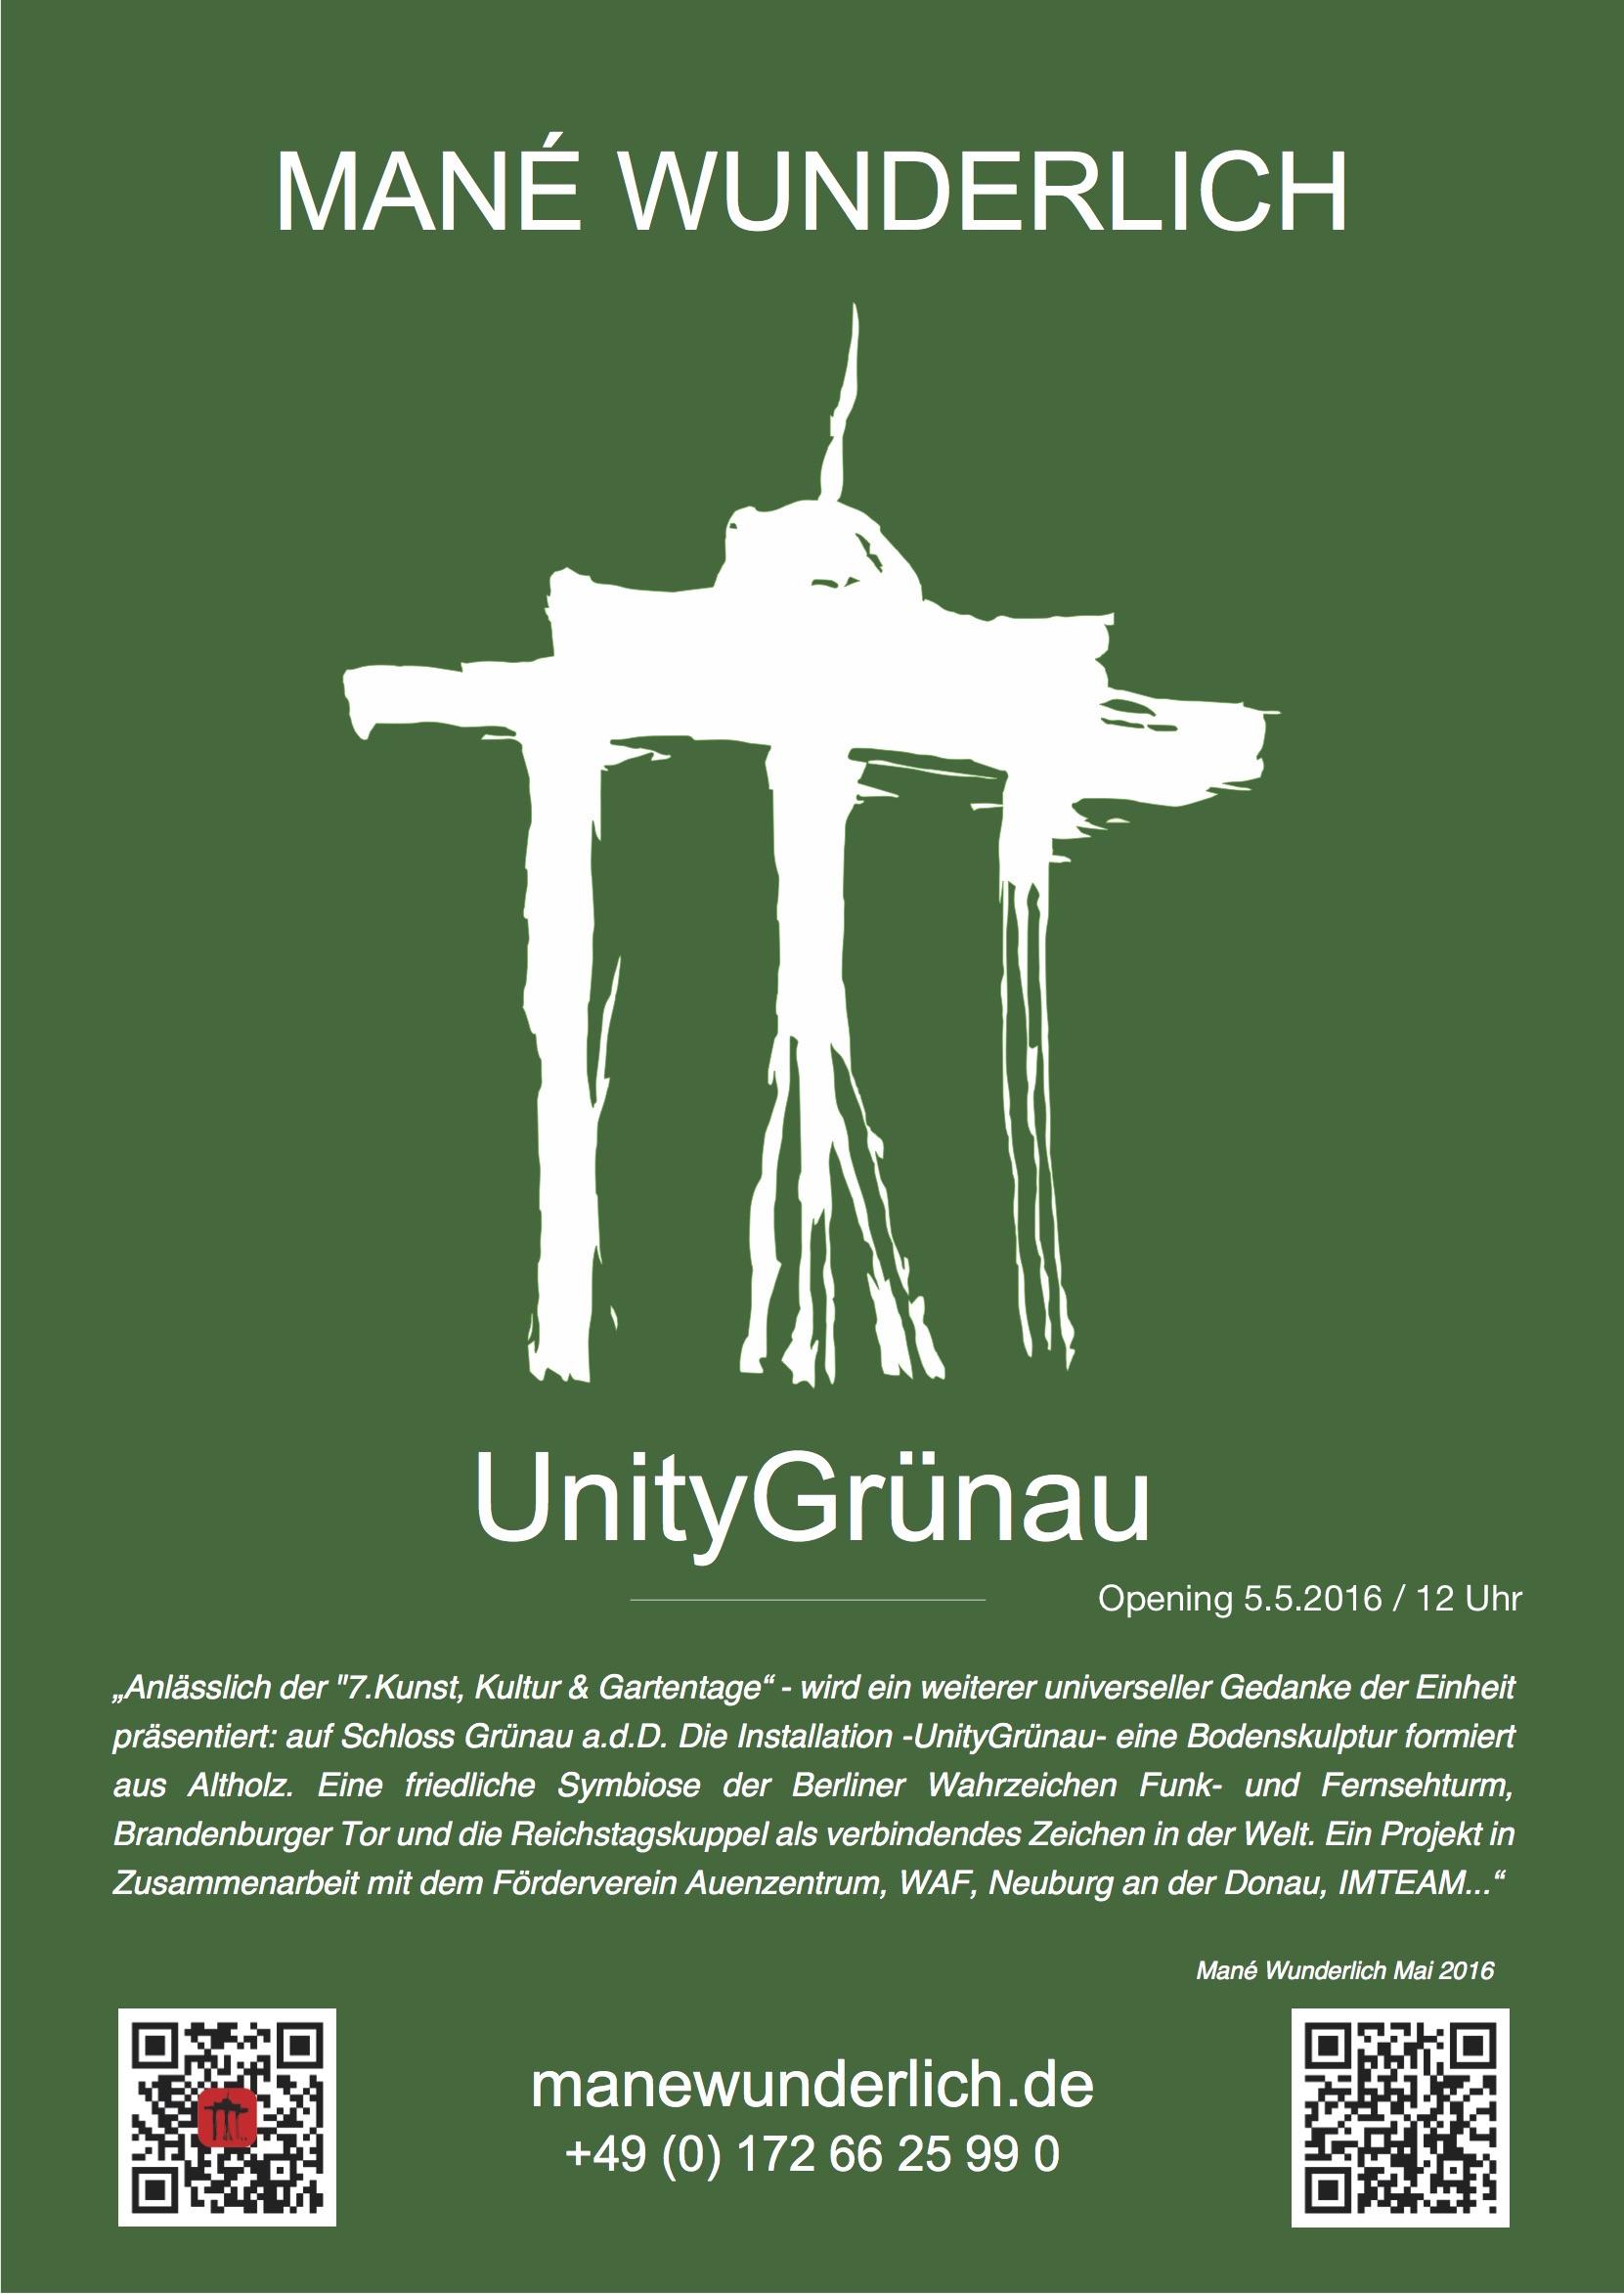 Plakat GrünauUnity Ausstellung_Wunderlich_WAF-Auenzentrum_anderDonau WAF Mané Wunderlich 2016